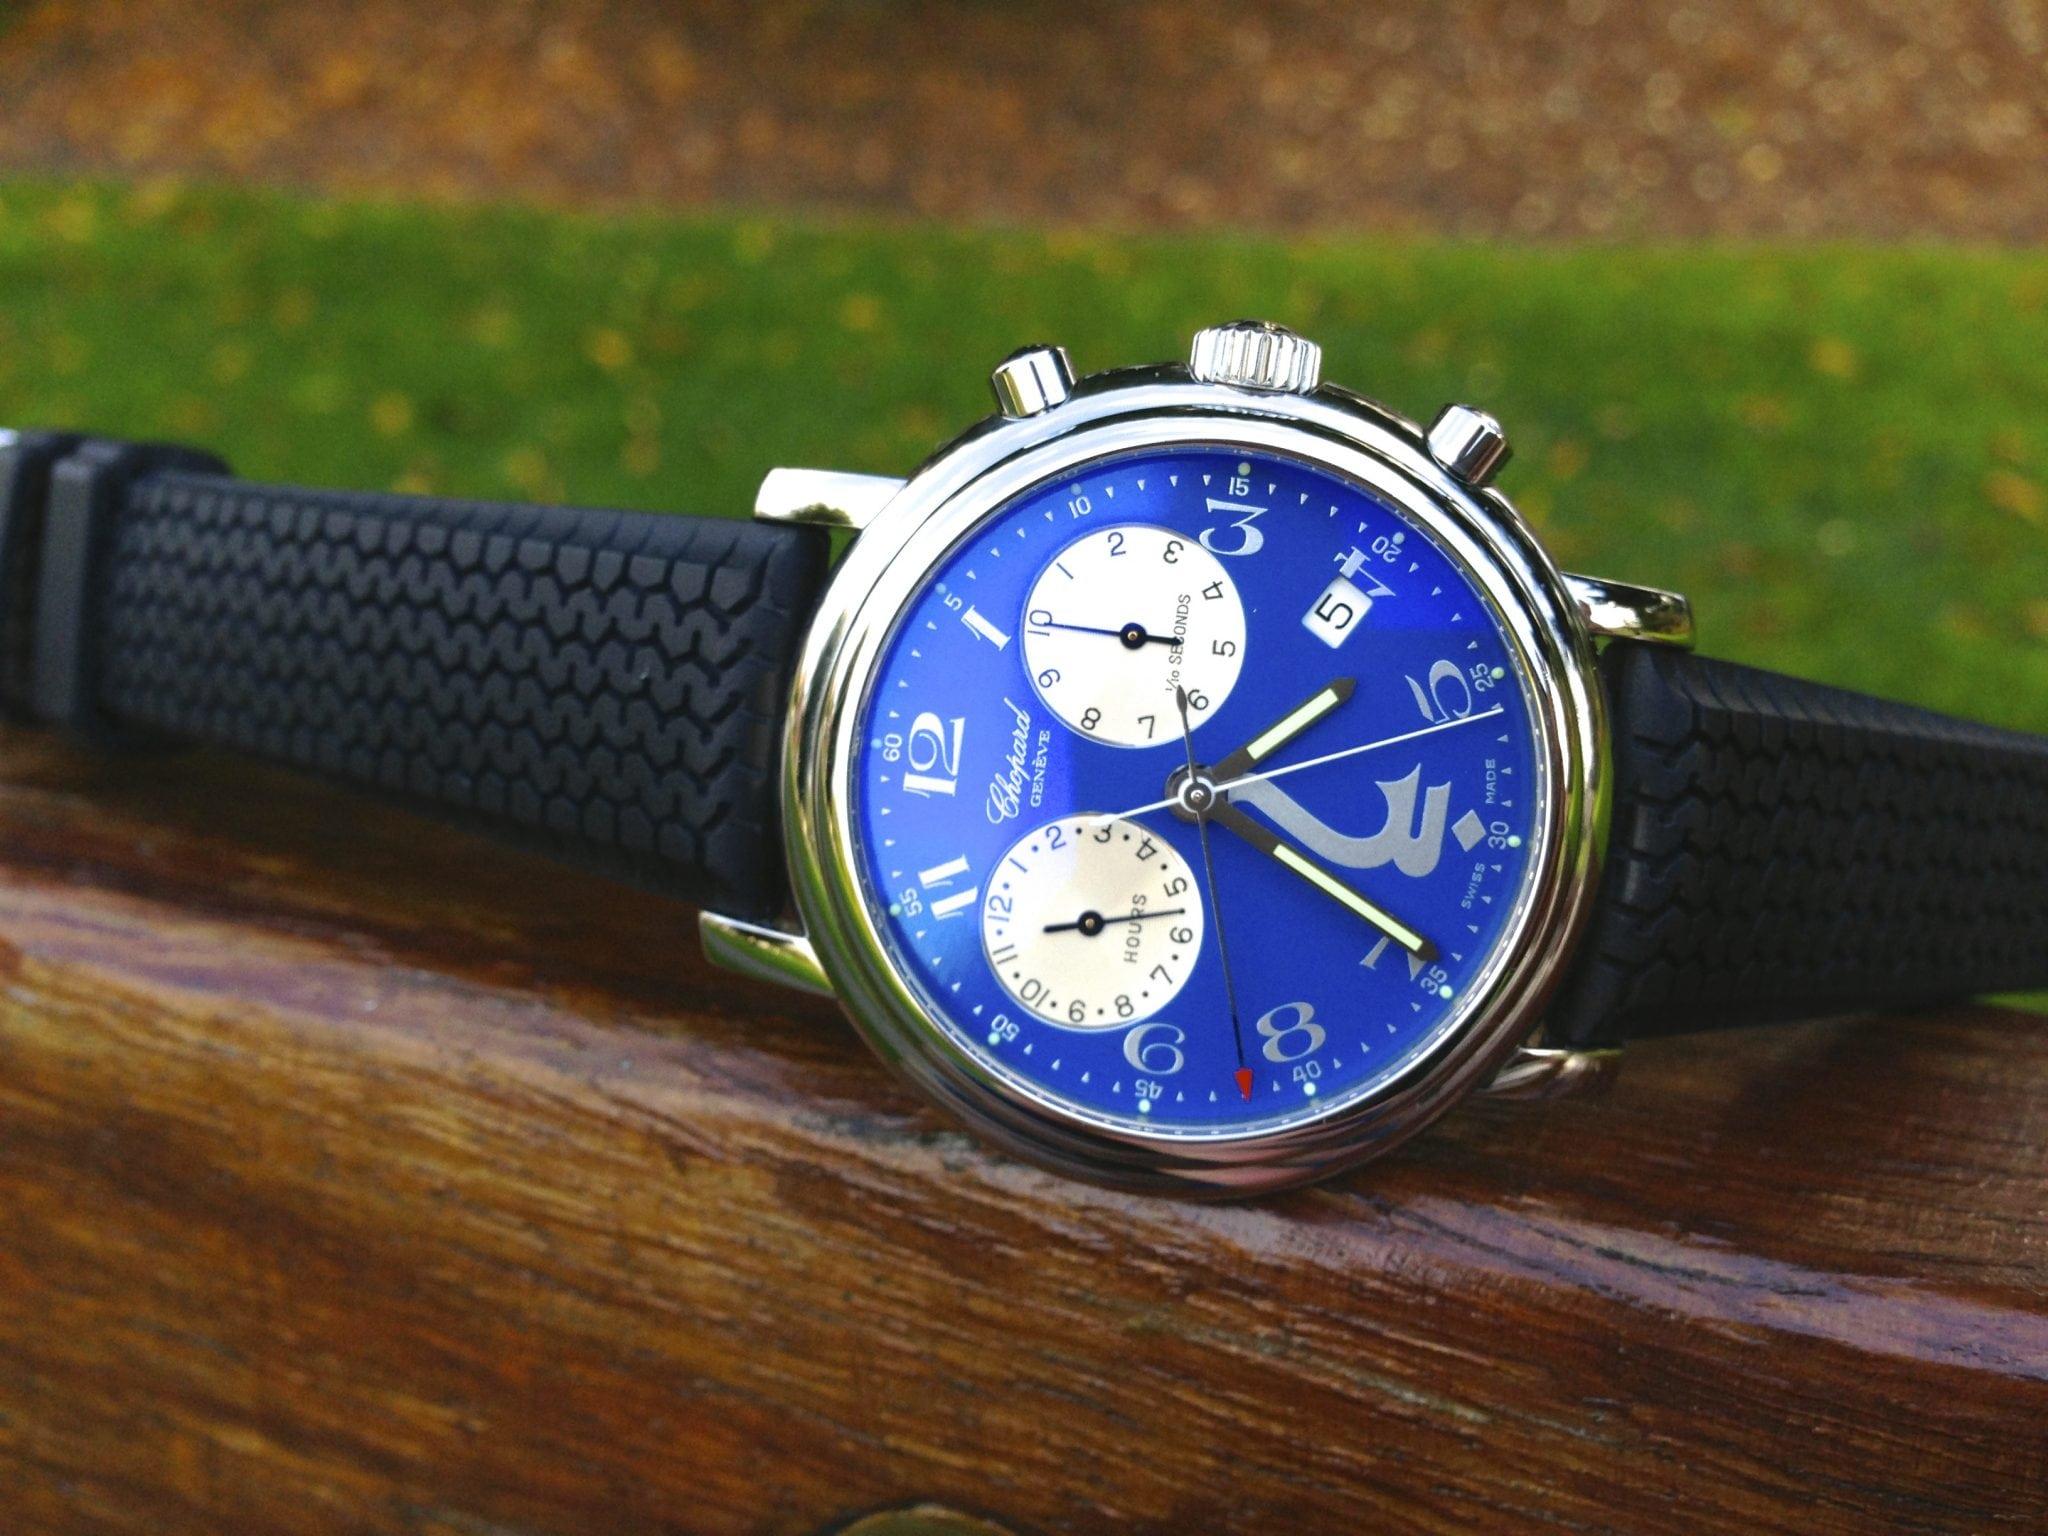 Екатеринбург продам швейцарские часы часах человеко стоимости одного